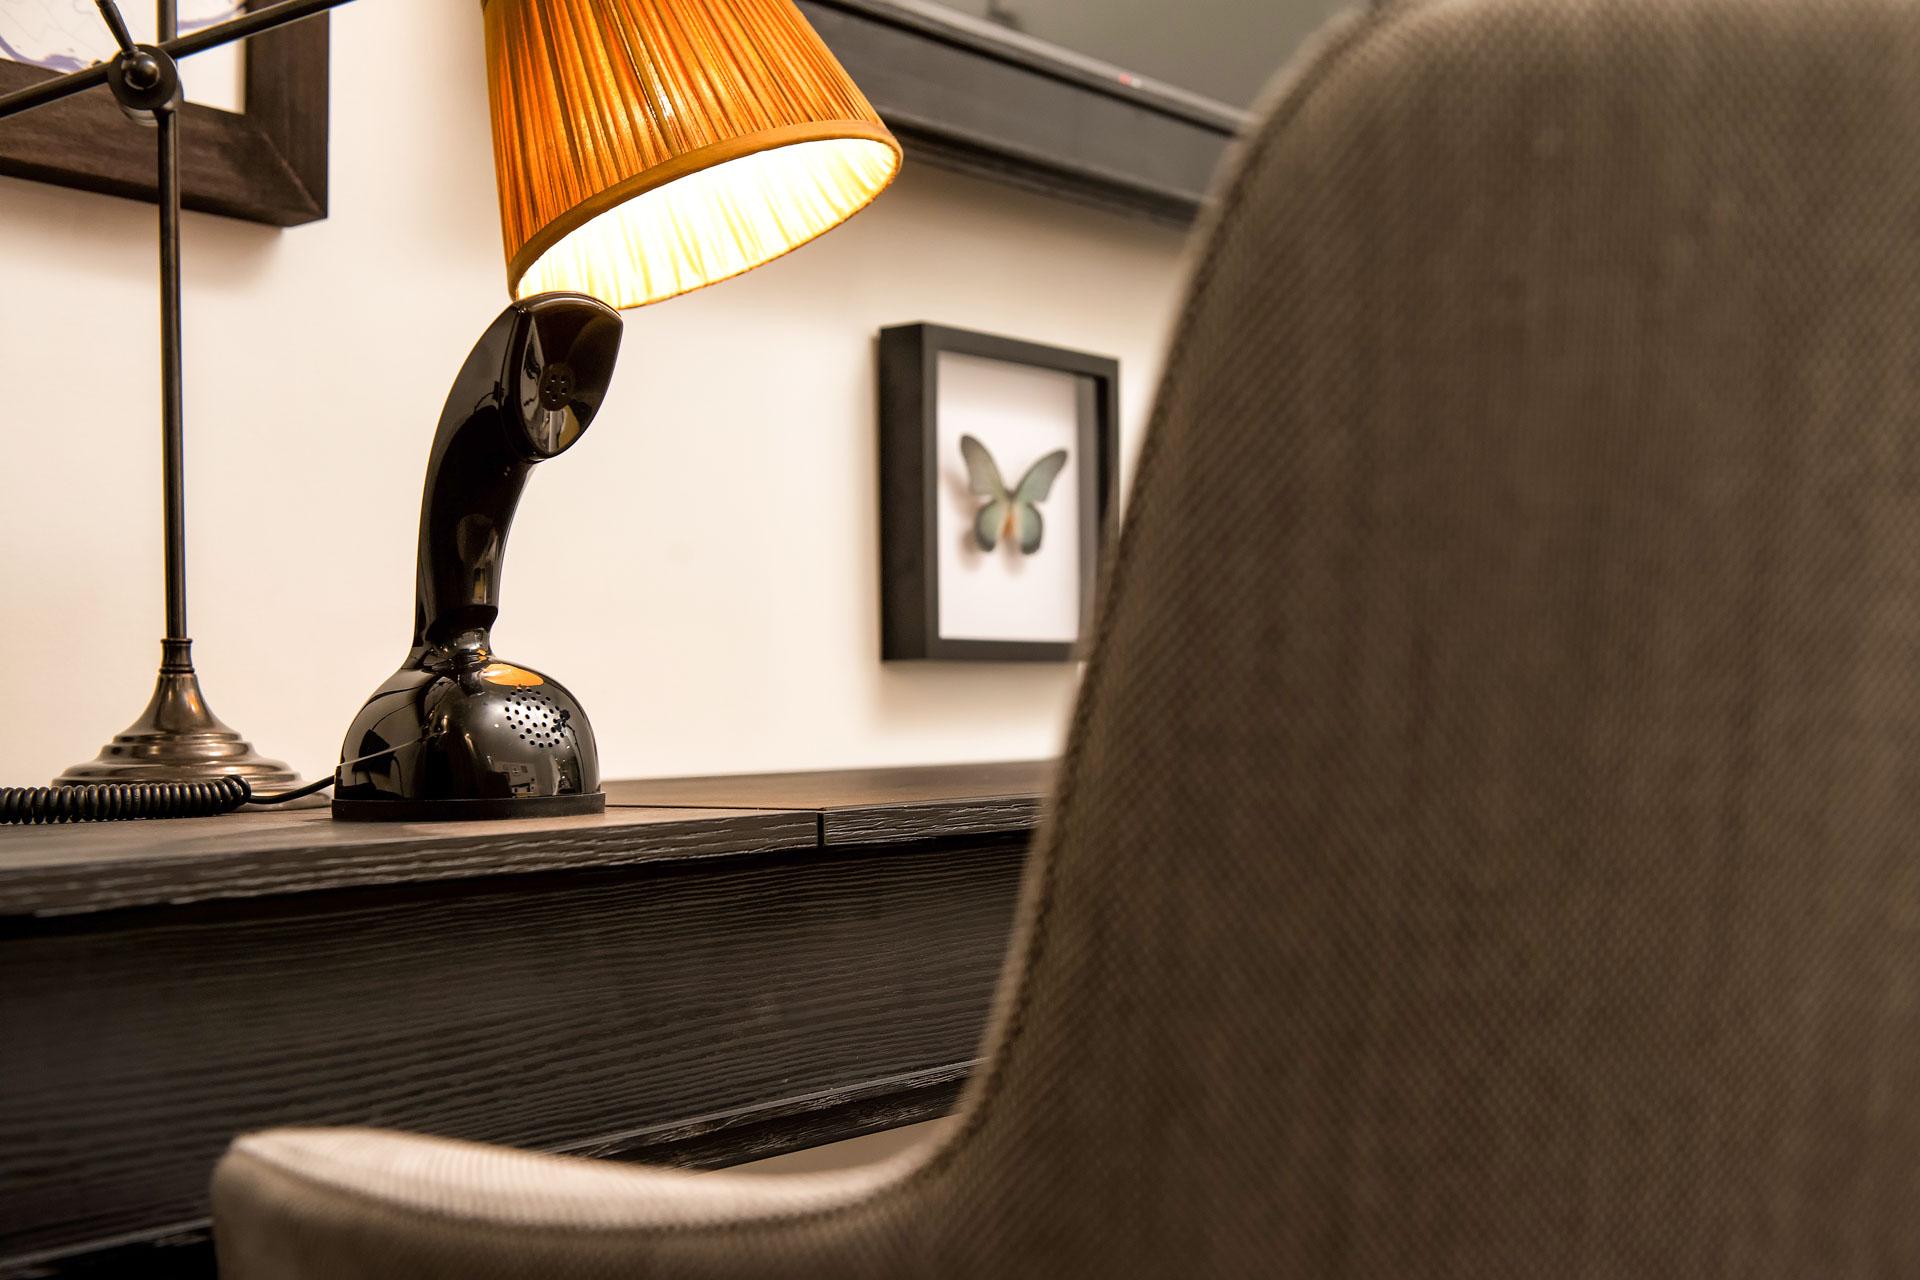 On retrouve également dans chambre chambre un bureau pour travailler et des luminaires choisis sur mesure